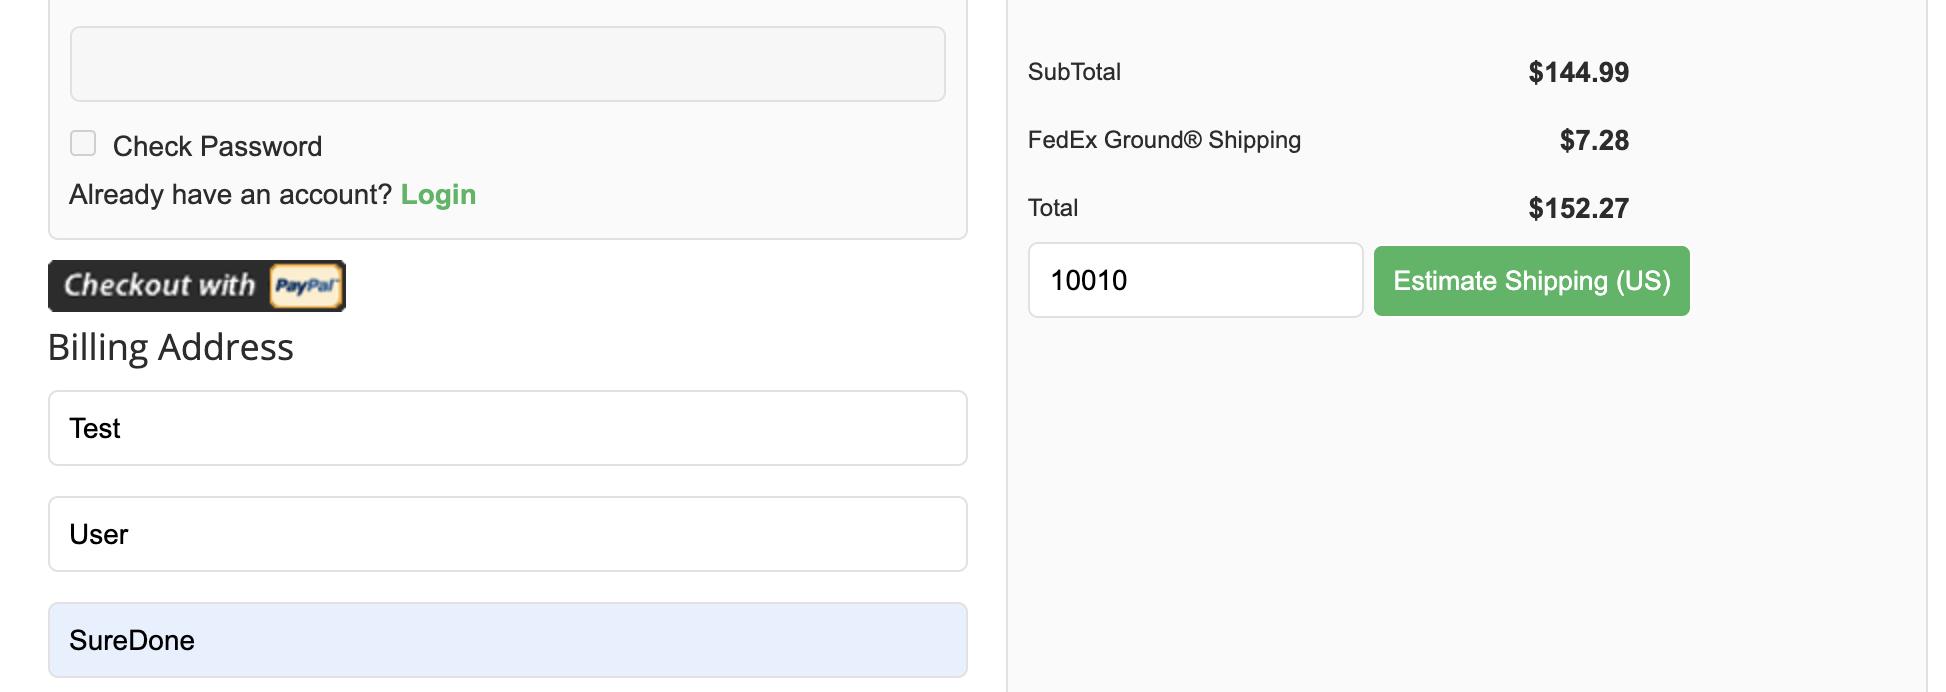 Storefront FedEx Ground